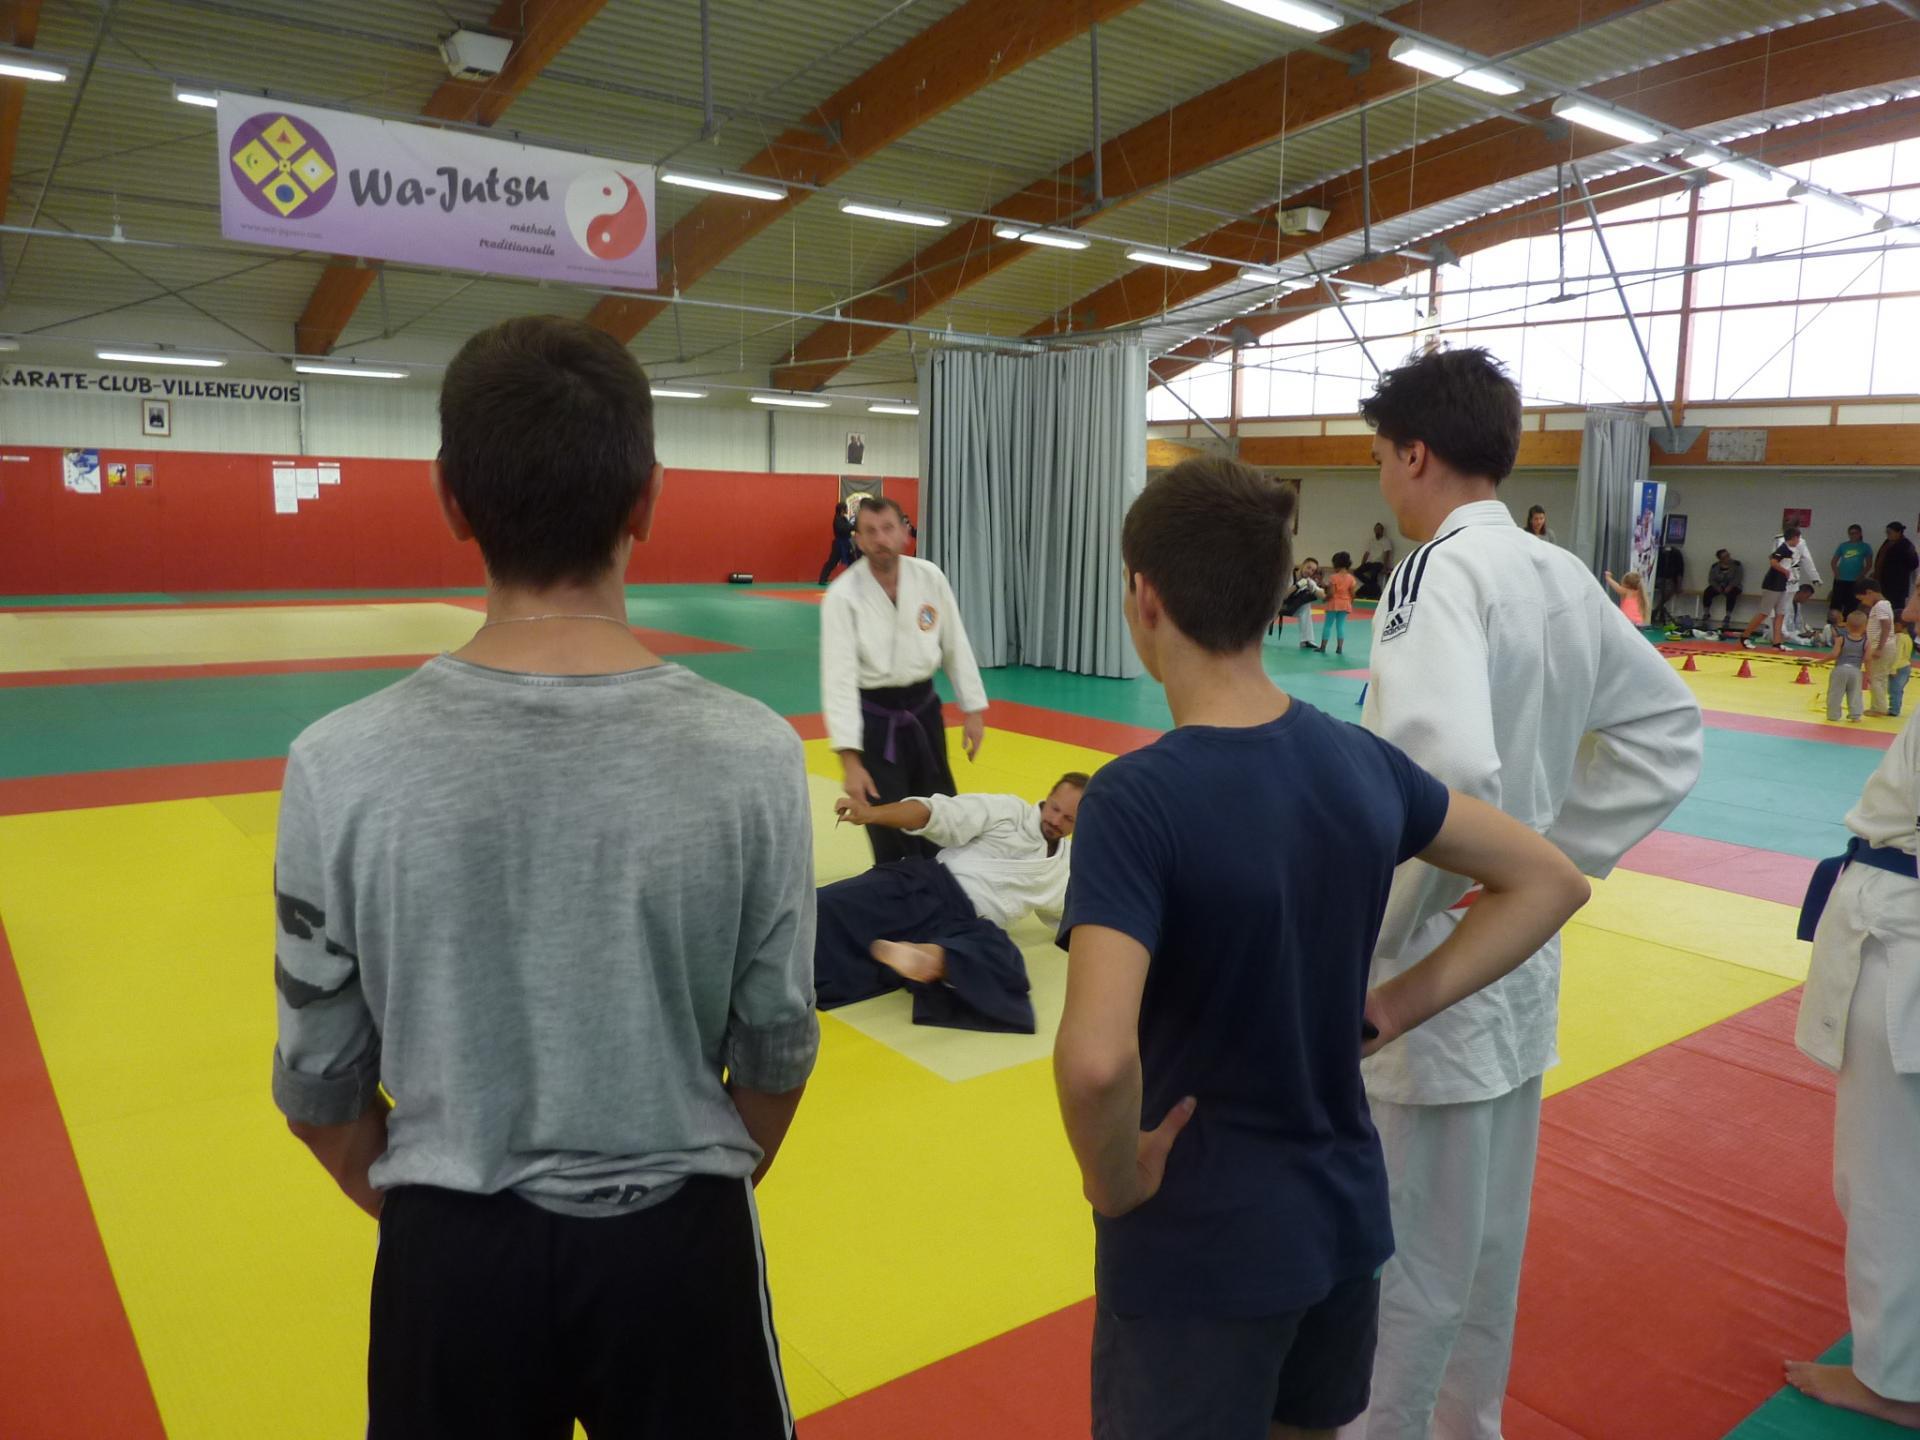 Journée Portes Ouvertes Associations sportives 9 sept.2018 Villeneuve